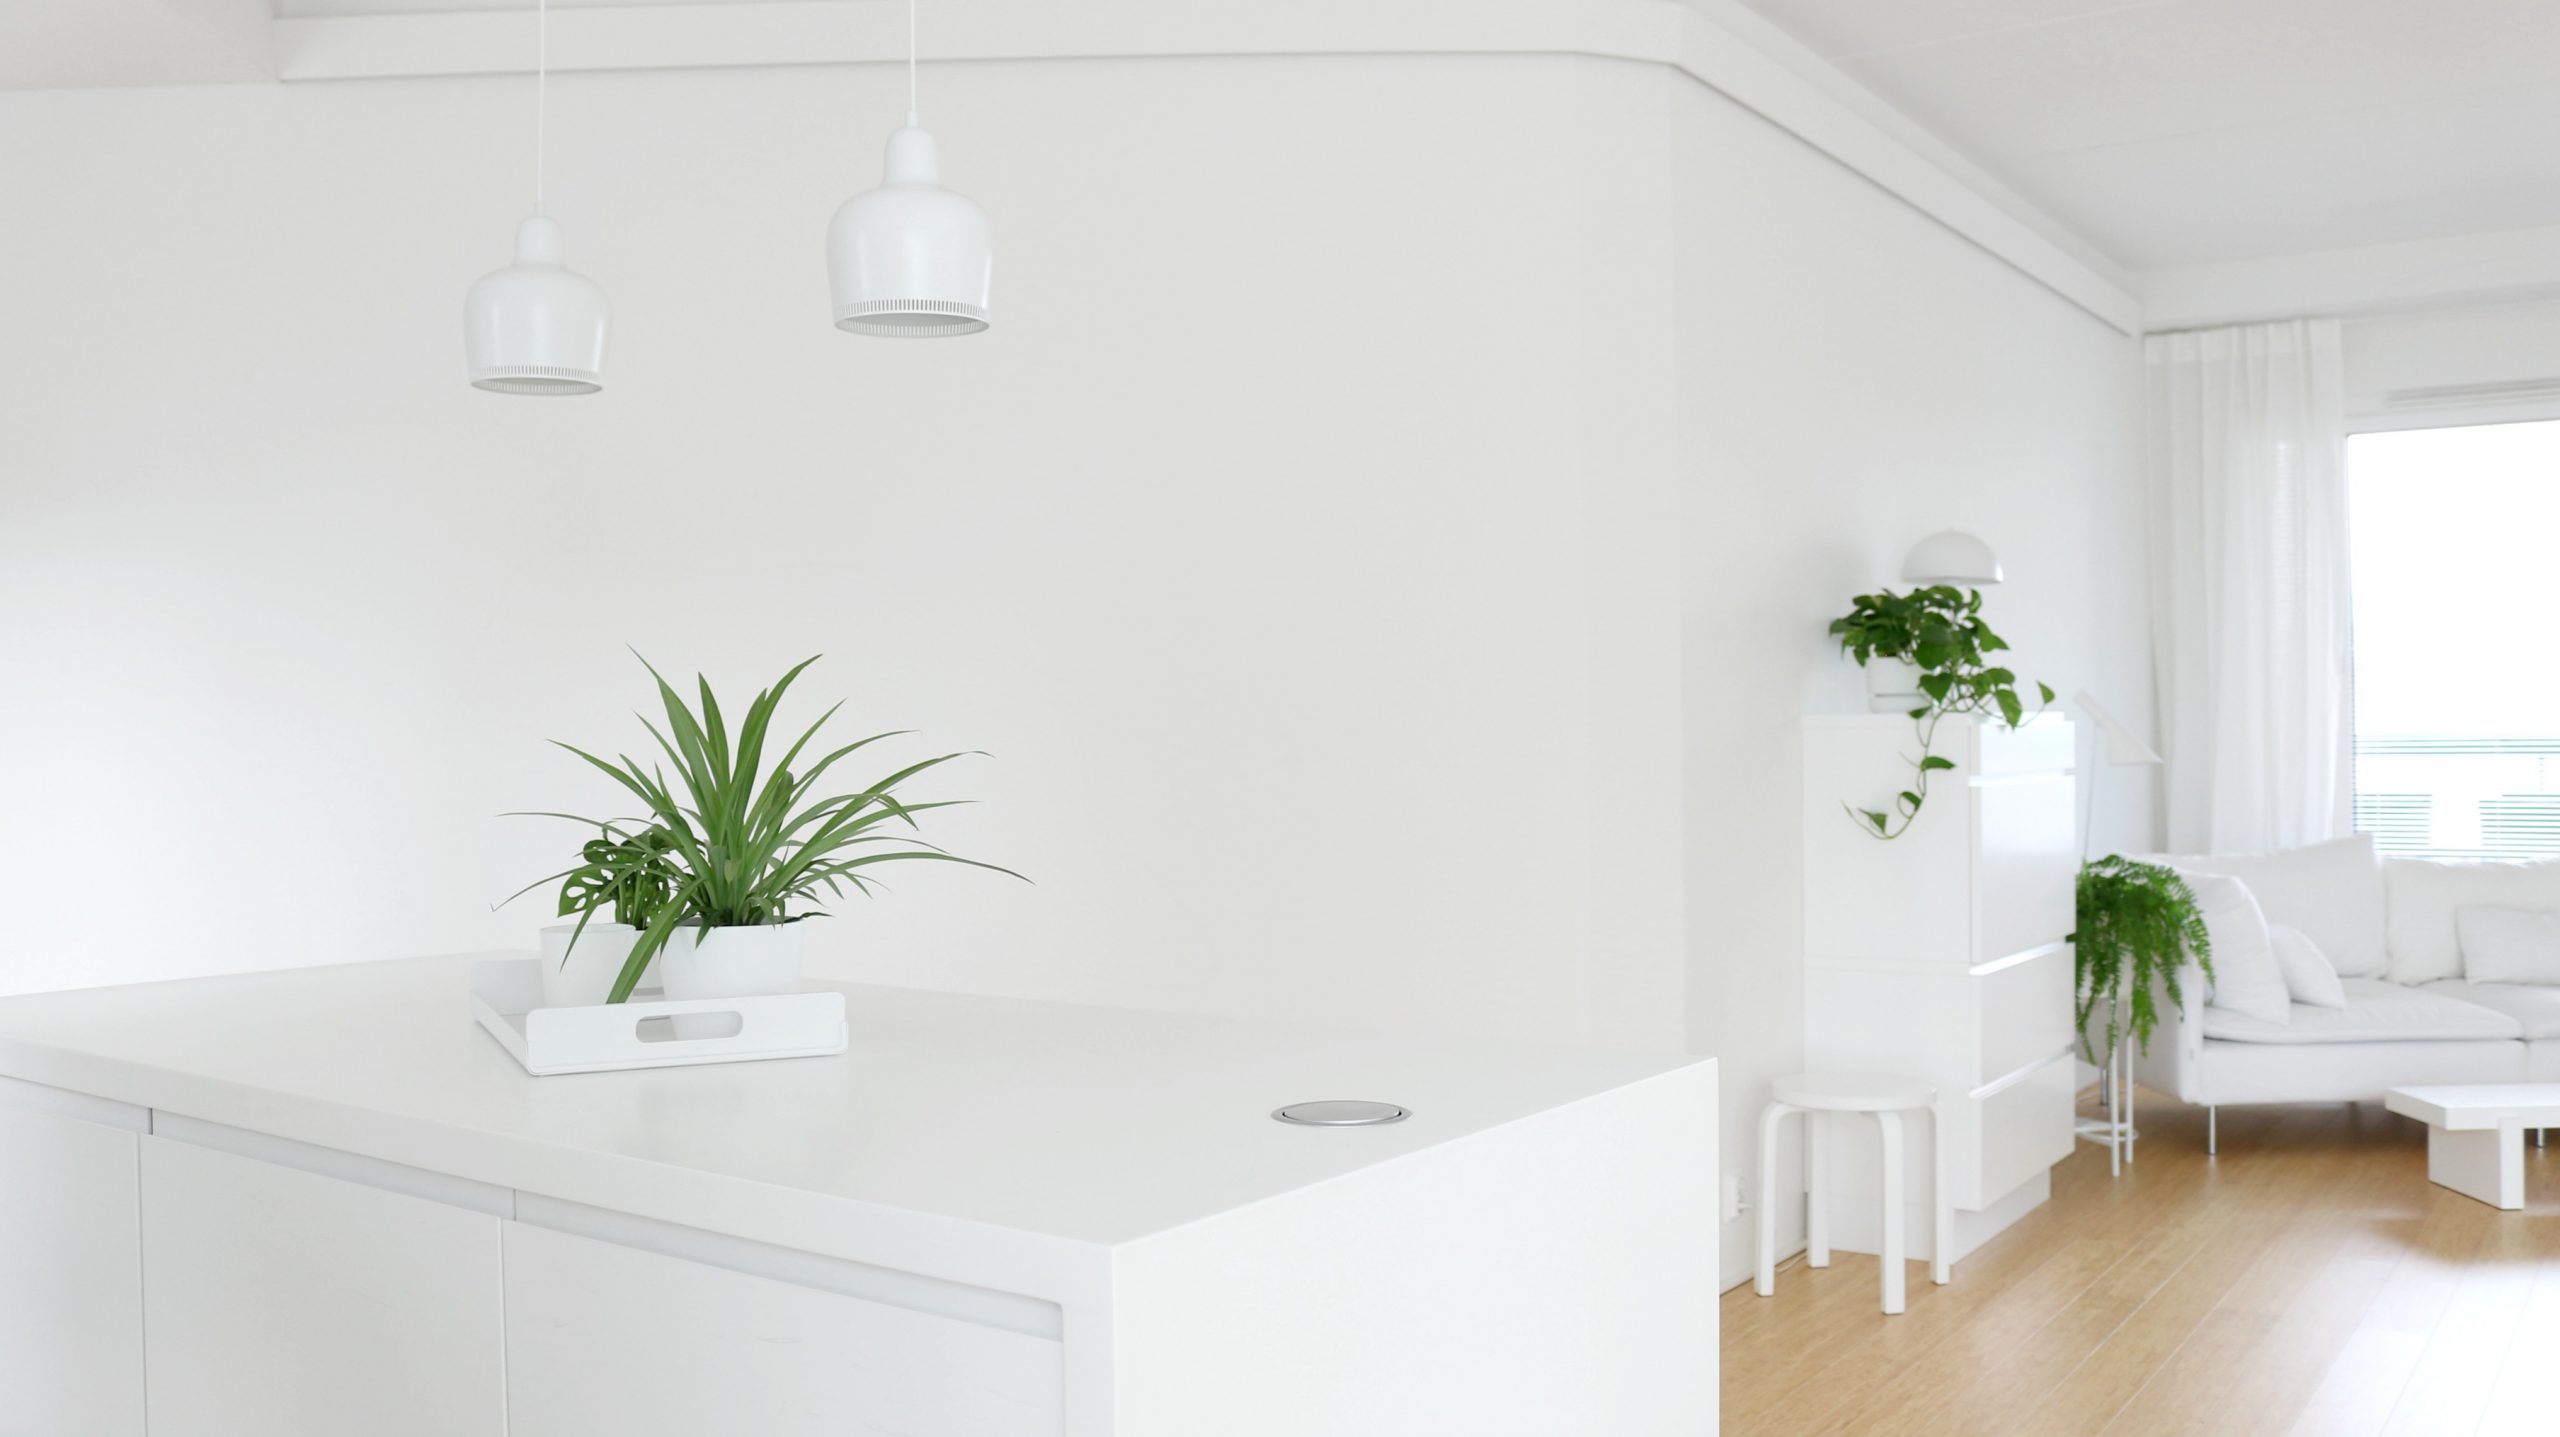 Avokeittio kotitoimisto työpöytä Muurame Mup klaffipöytä olohuoneessa sisustusvideo Omakotivalkoinen